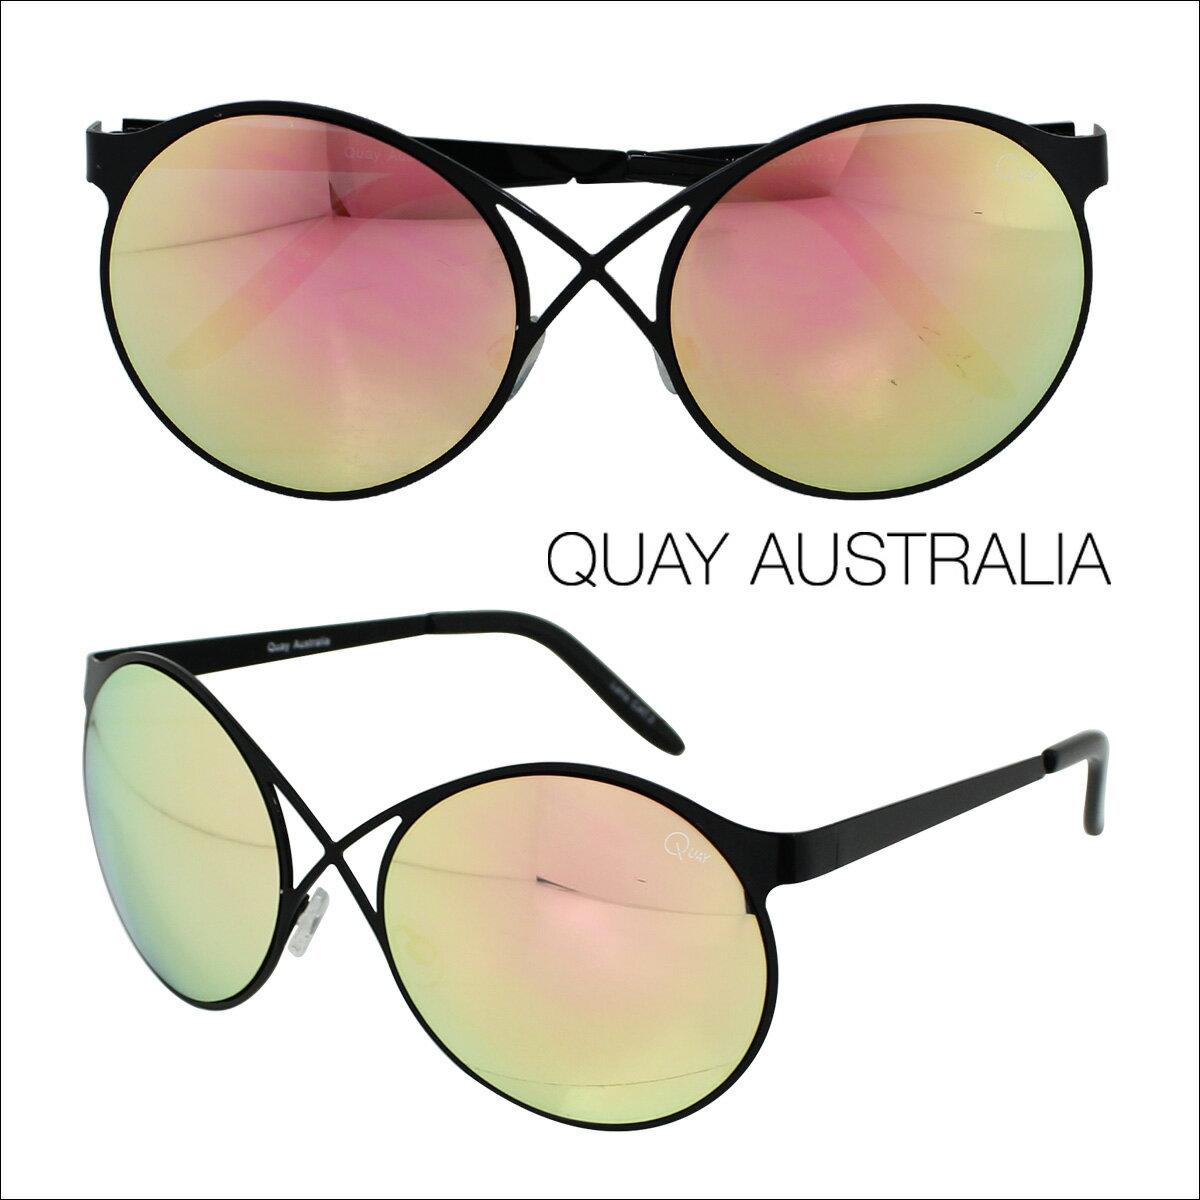 【訳あり】 QUAY EYEWARE AUSTRALIA サングラス キーアイウェア オーストラリア レディース ブラック ローズ 【返品不可】